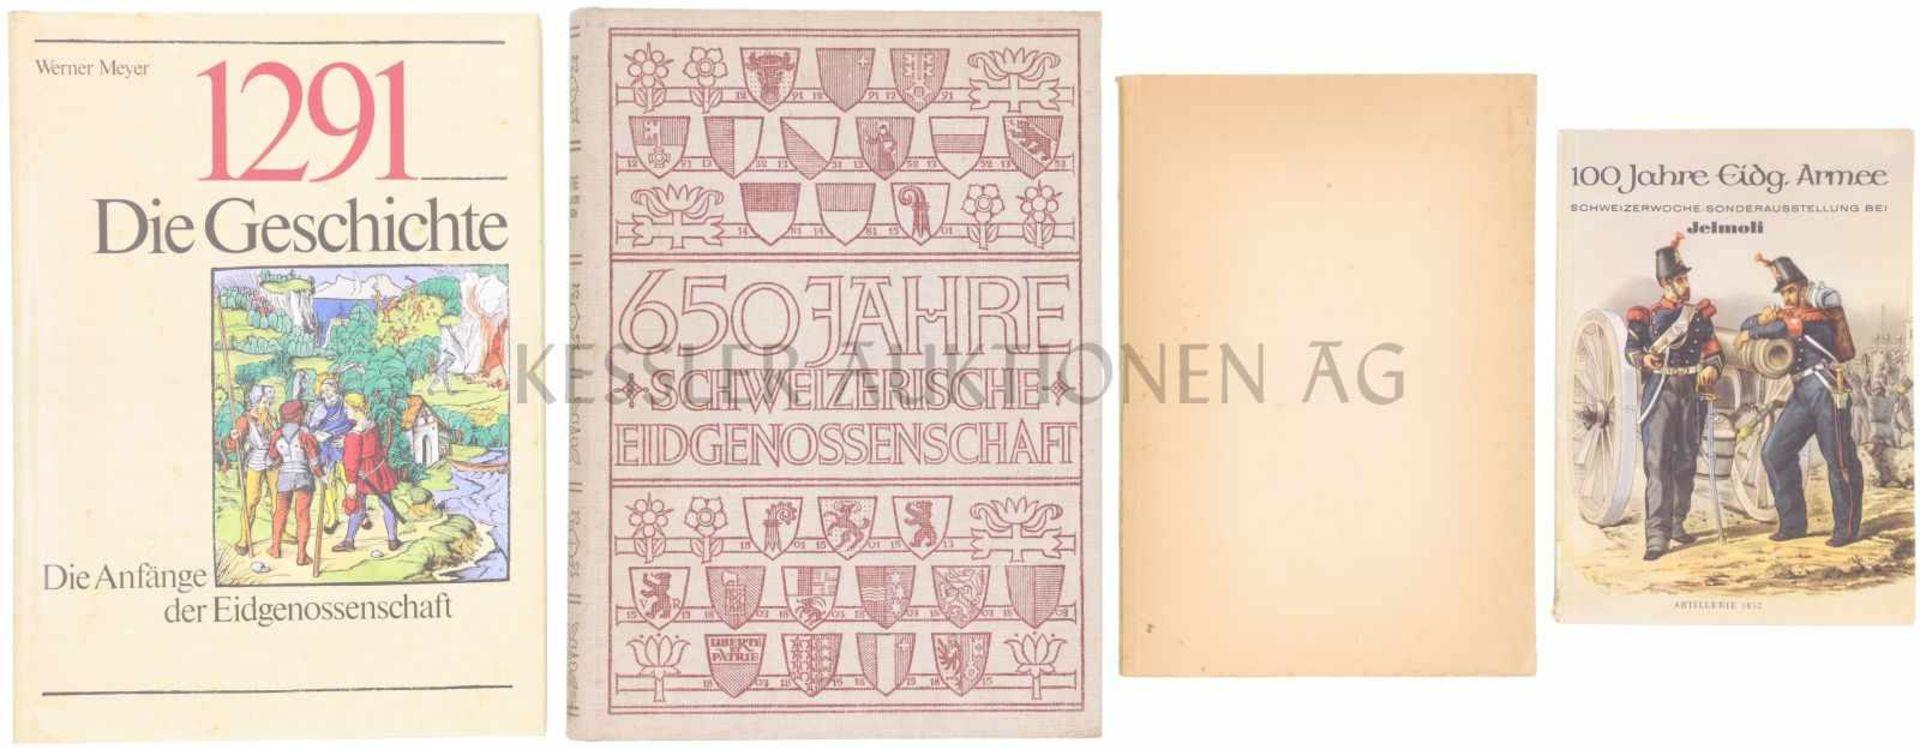 Los 10 - Konvolut von 4 Büchern 1. 100 Jahre Eidg. Armee. Schweizerwoche-Sonderausstellung bei Jelmoli. 2.